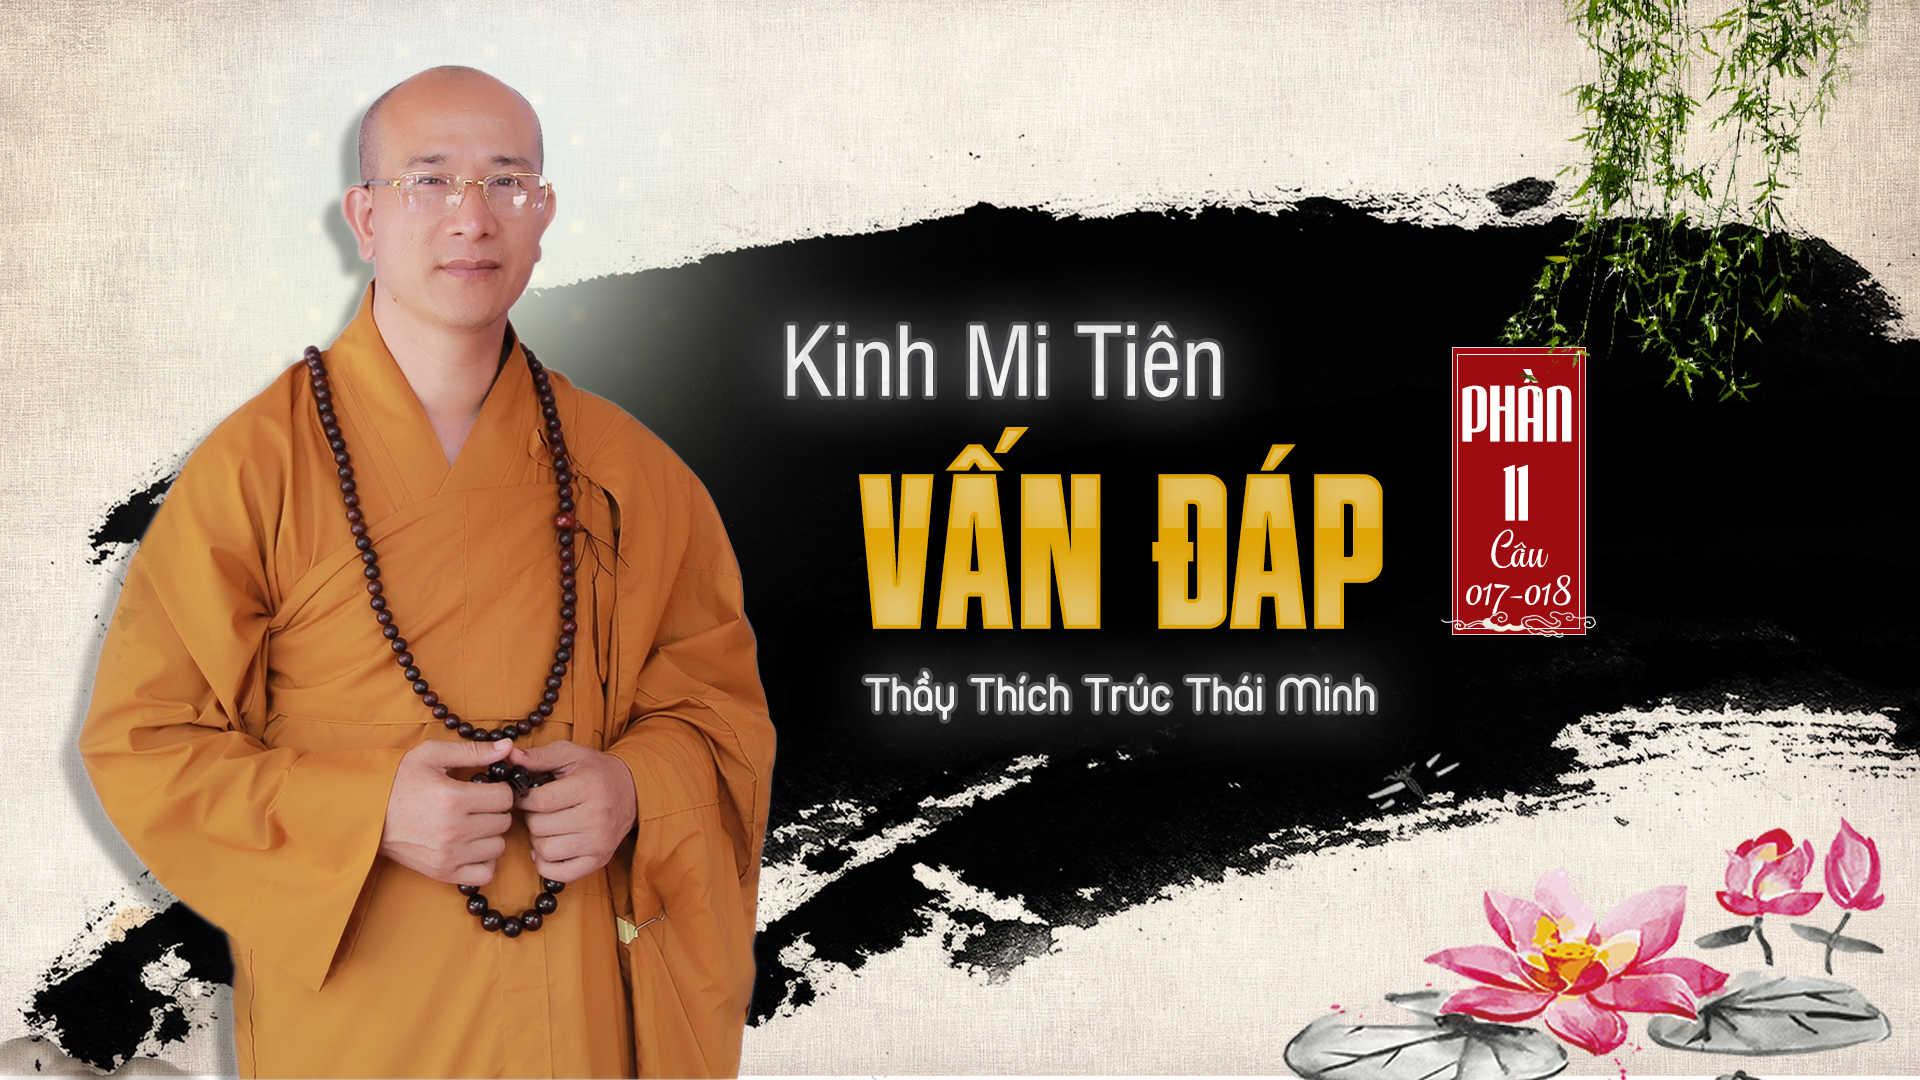 Kinh mi tiên vấn đáp phần 11 Thầy Thích Trúc Thái Minh chùa Ba Vàng.